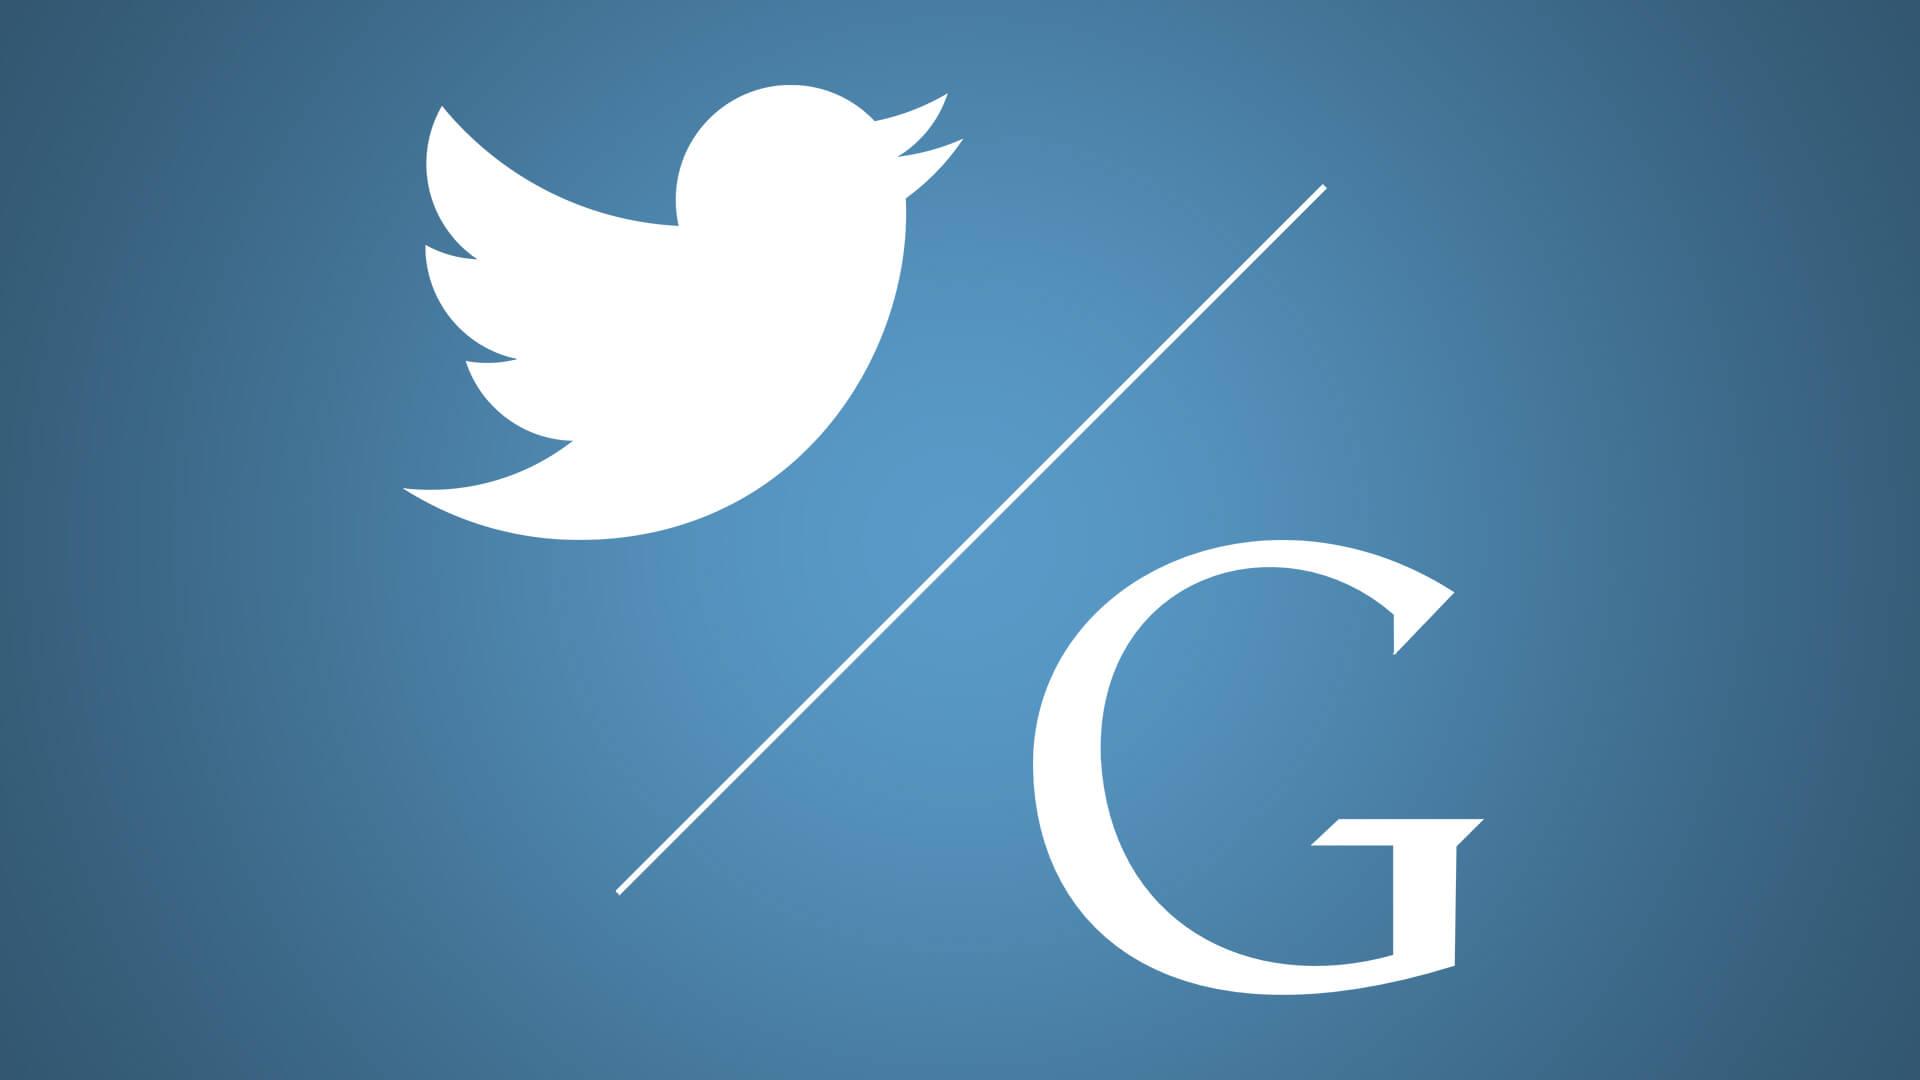 تويتر يتيح قريبا للمستخدمين ربط حساباتهم على تويتر بجوجل